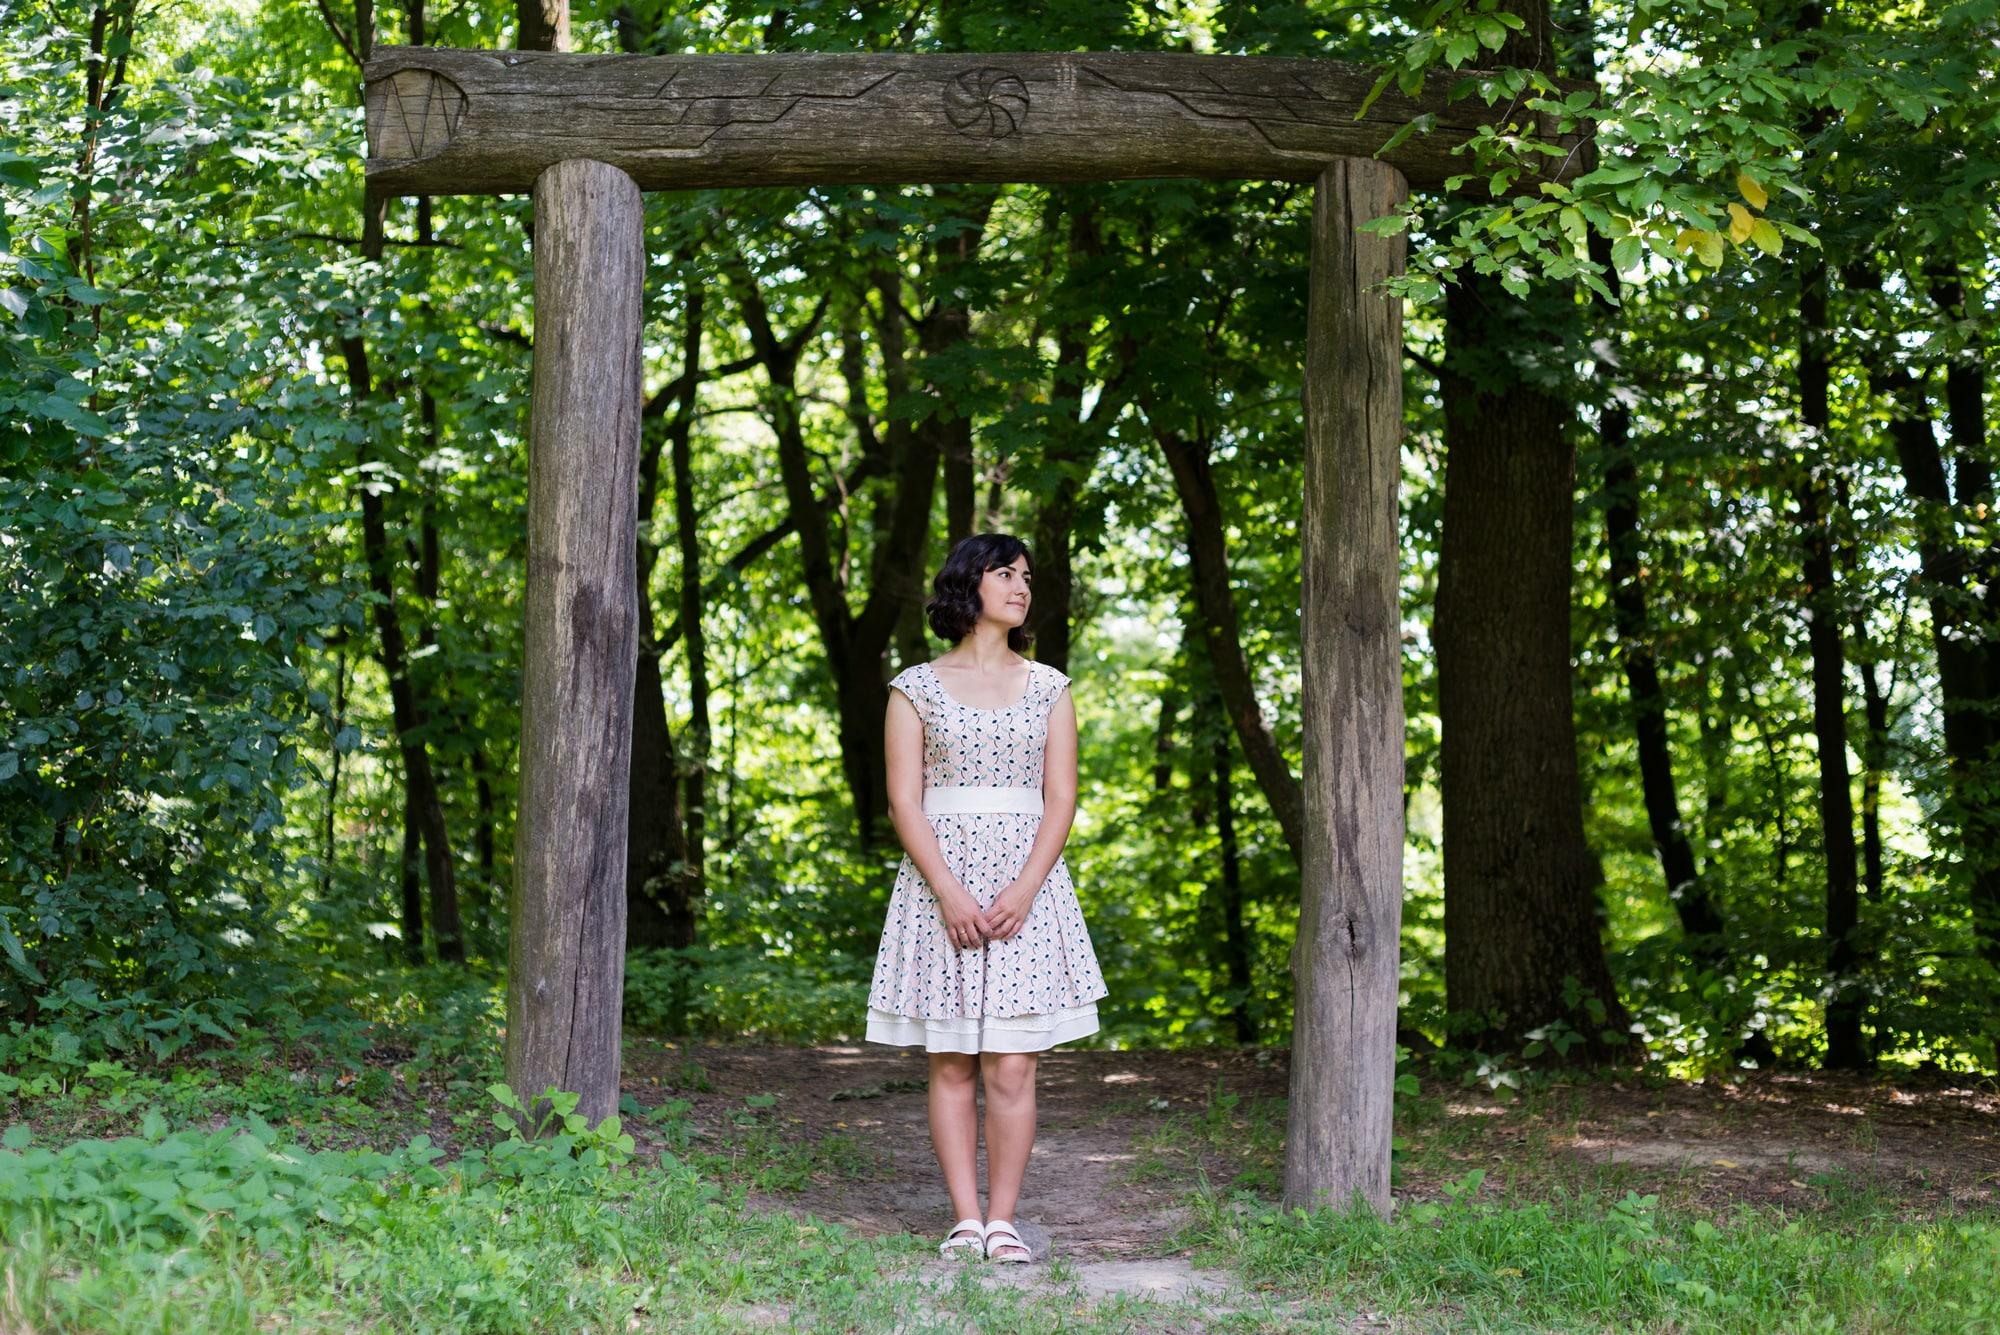 Фотосессия Love Story возле деревяных столбов - Фотограф Женя Лайт